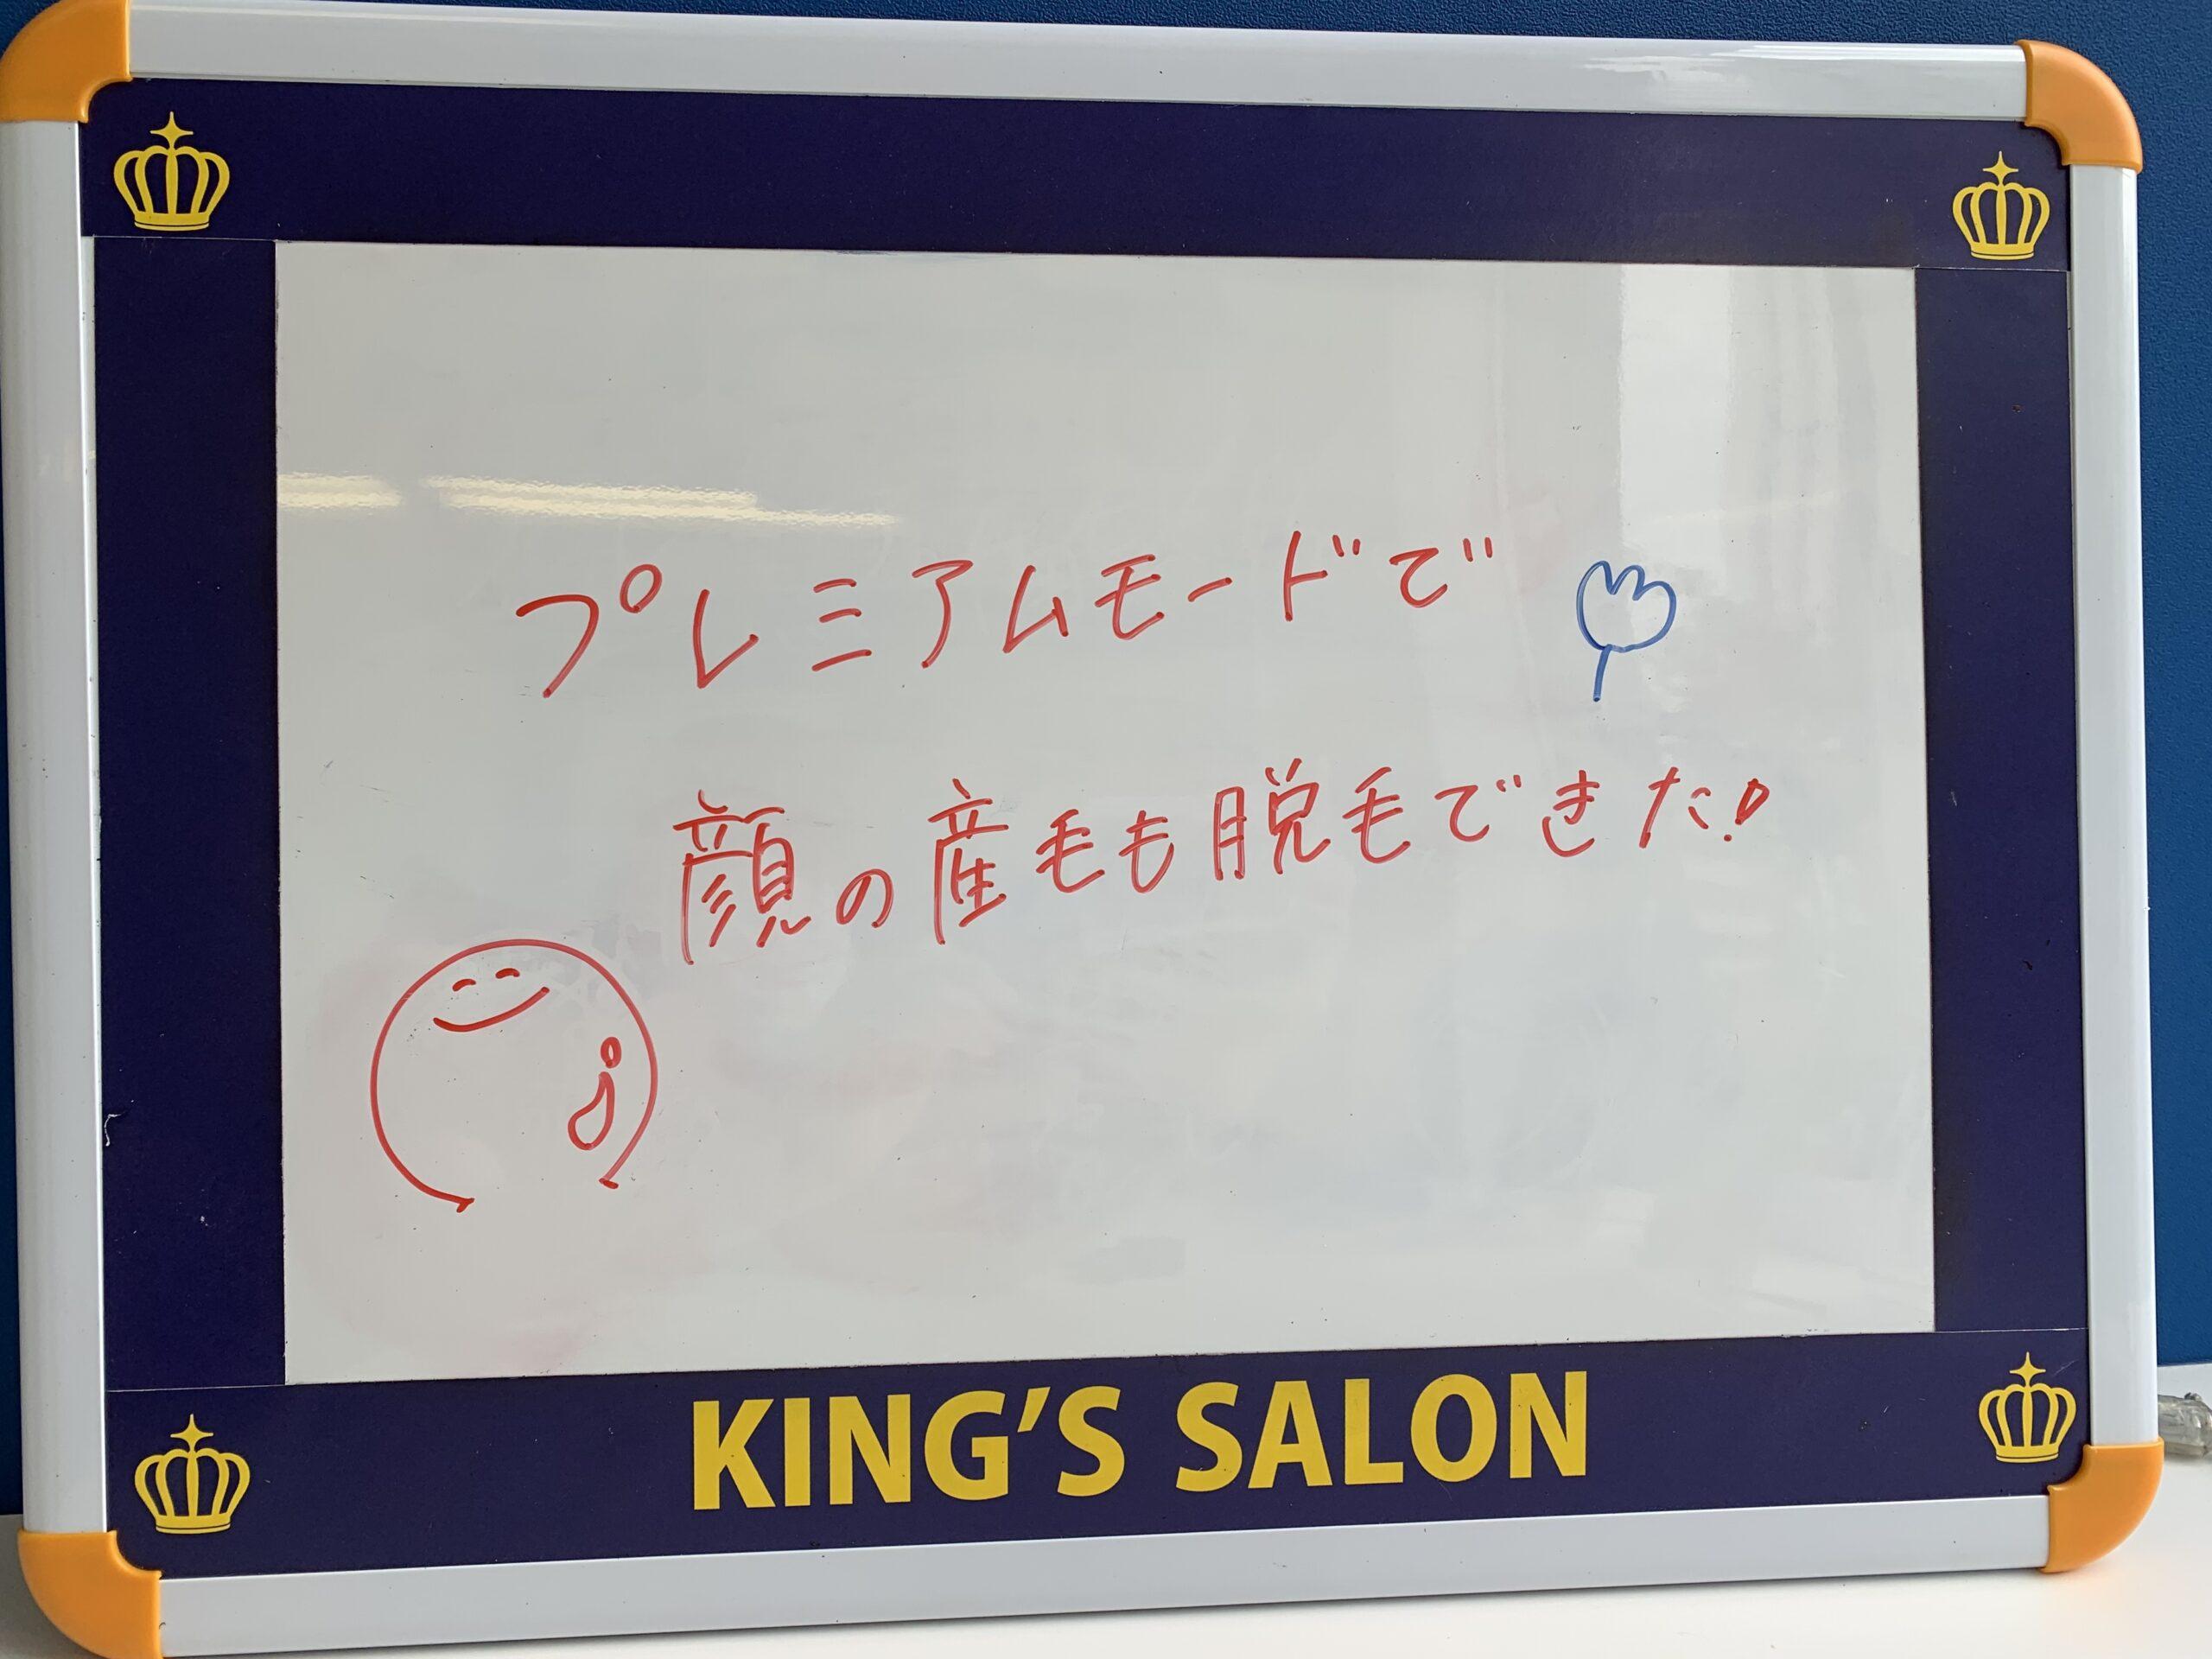 キングスサロン名古屋伏見店 お客様の声 サムネイル画像